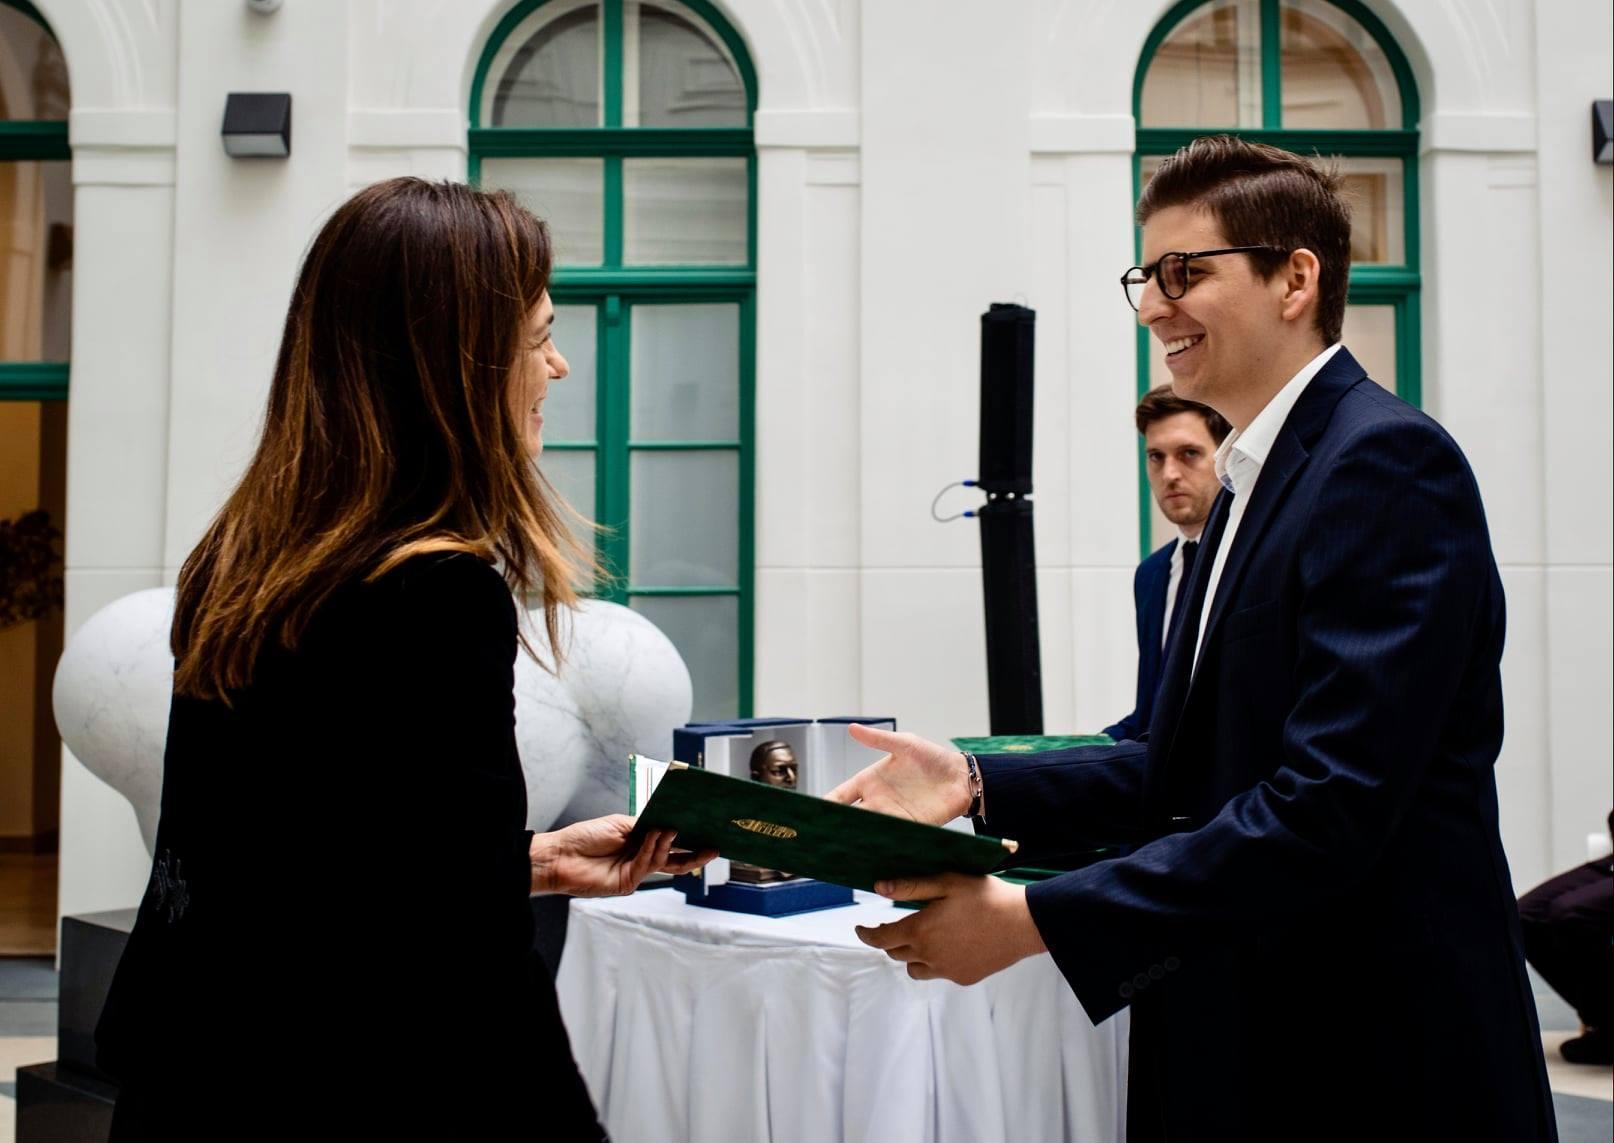 Miniszteri elismerésben részesültek az MKÖ egykori ösztöndíjasai